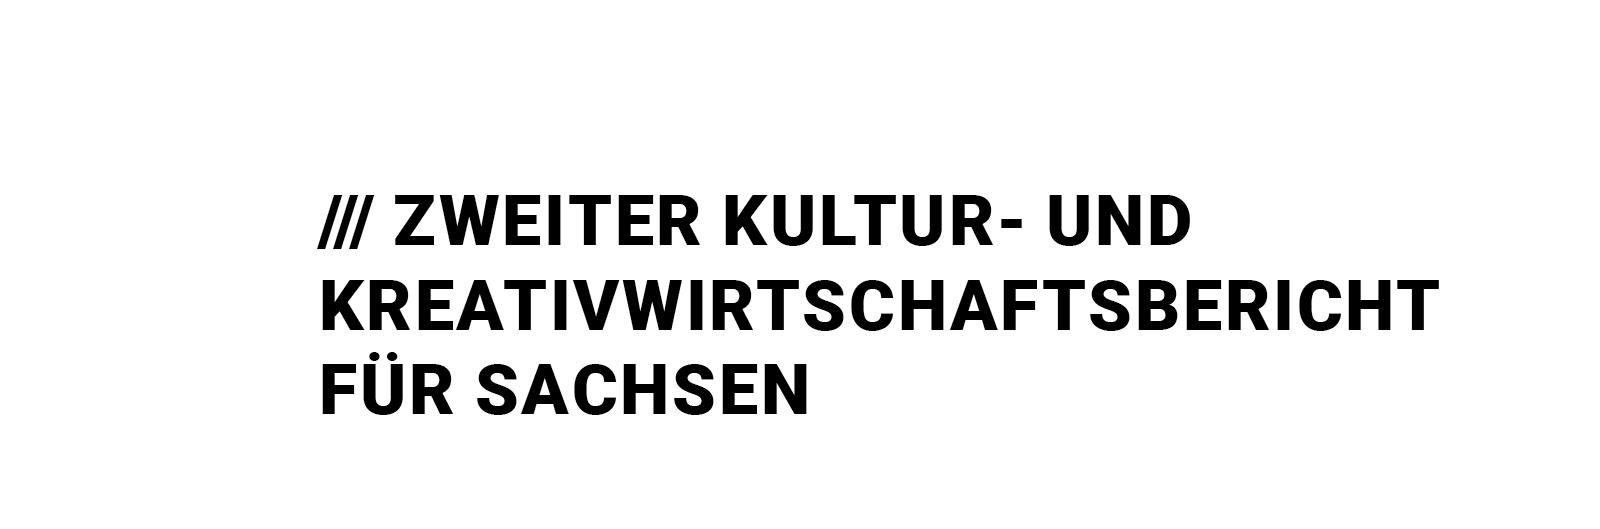 KreativesSachsen_KKWBerichtText